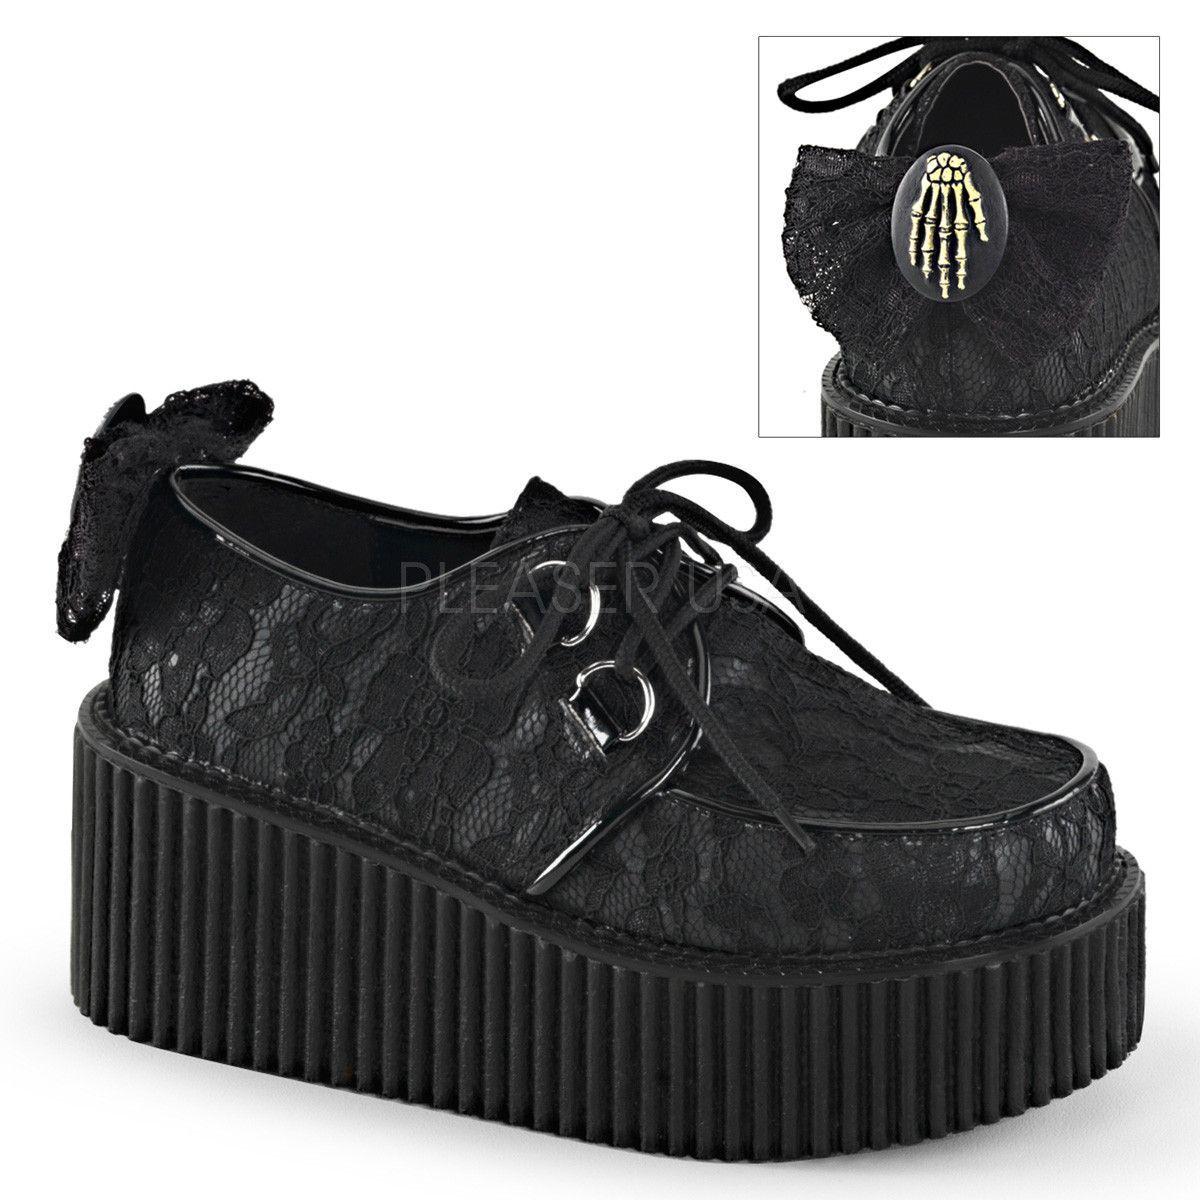 Zoth Mohnblume - Zapatos de cordones para mujer Multicolor carbón, color Multicolor, talla 38 EU